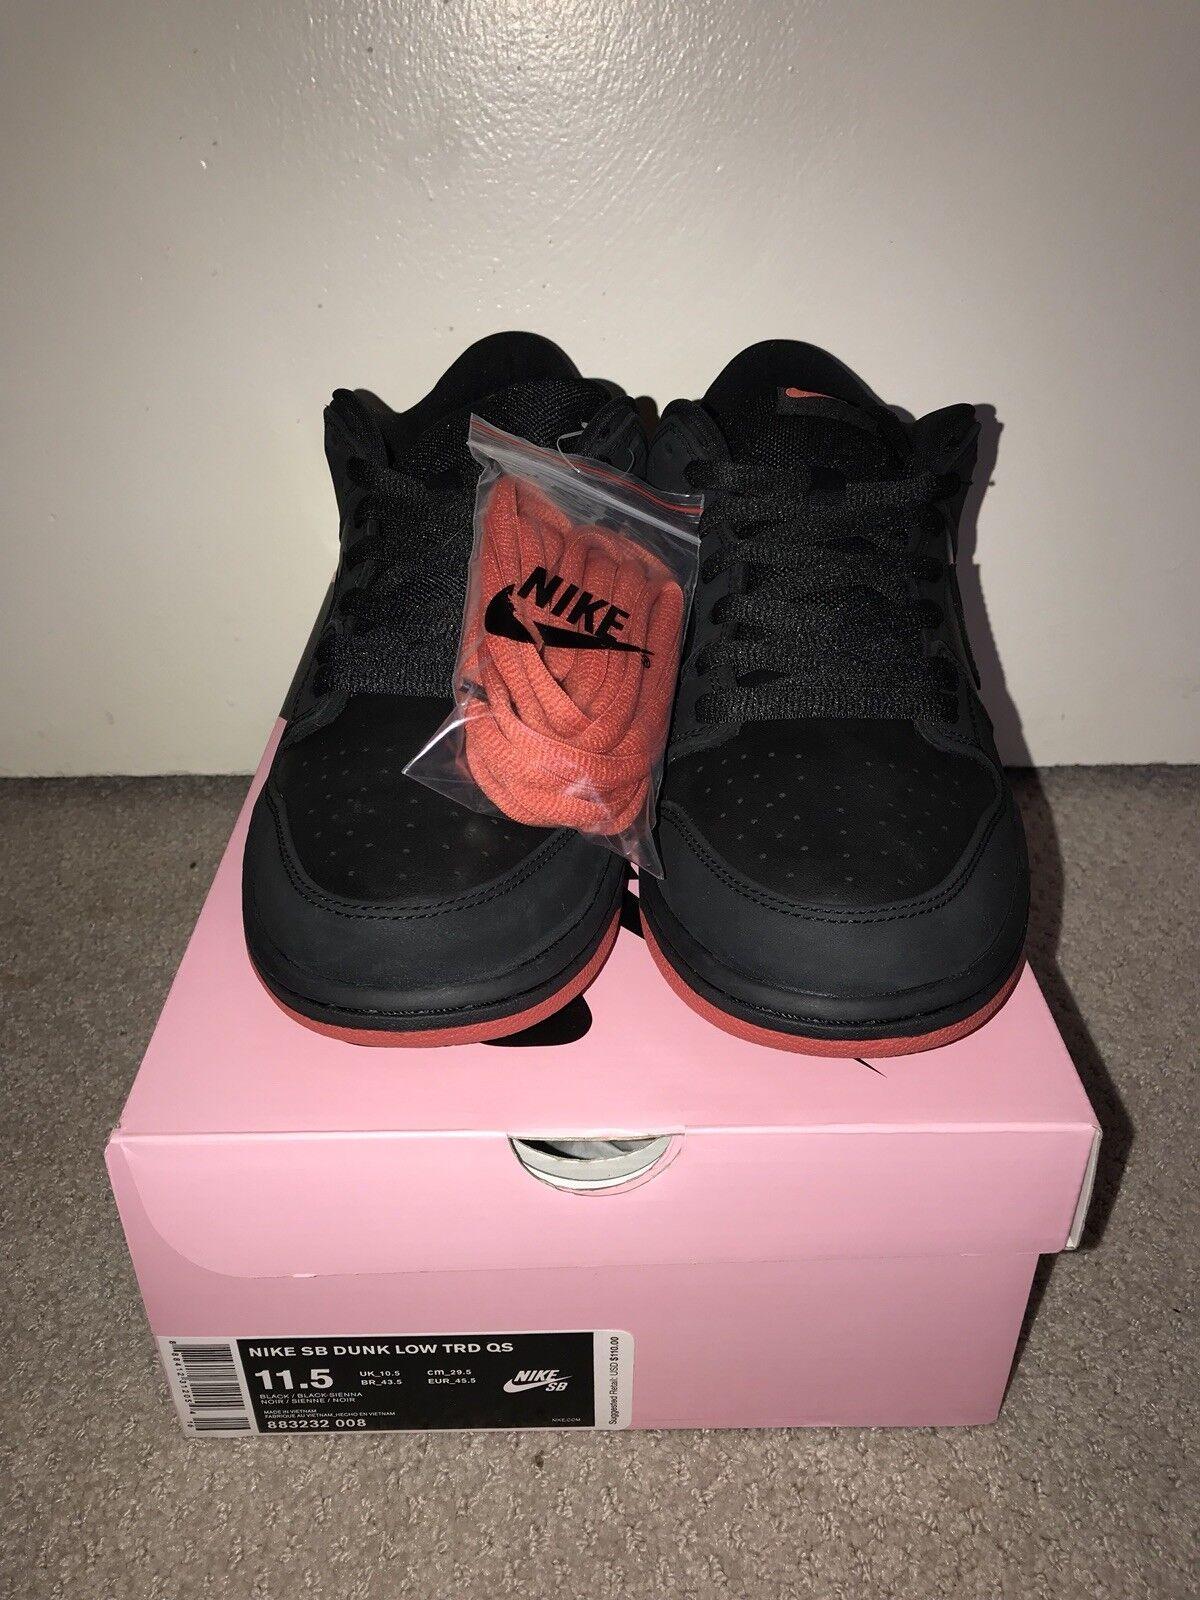 aae868bf3085 Nike SB SB SB Dunk Low TRD QS Pigeon Staple NIB 883232 008 Size 11.5 15613b